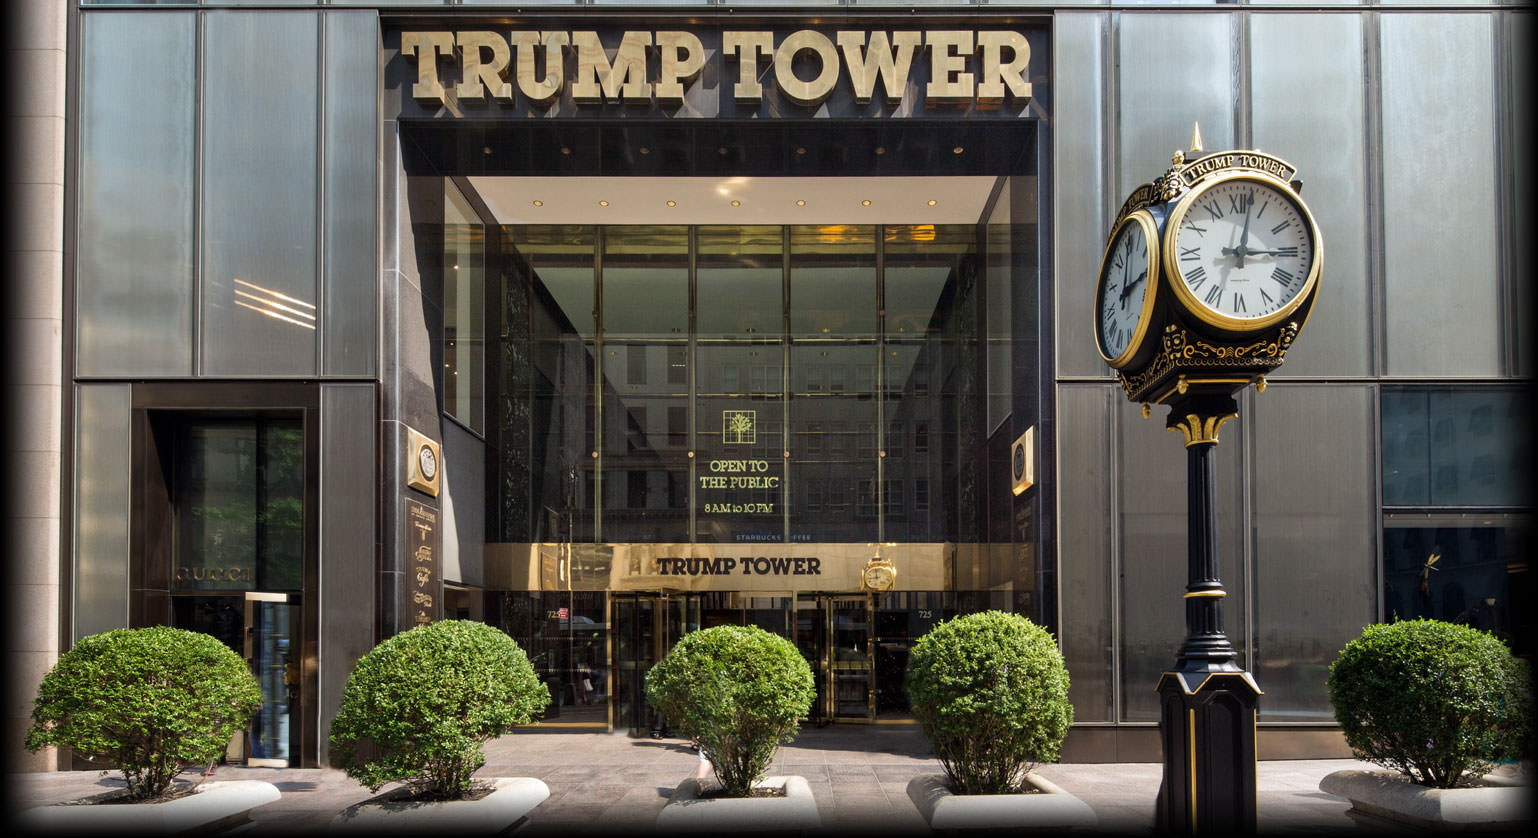 via Trumptowerny.com